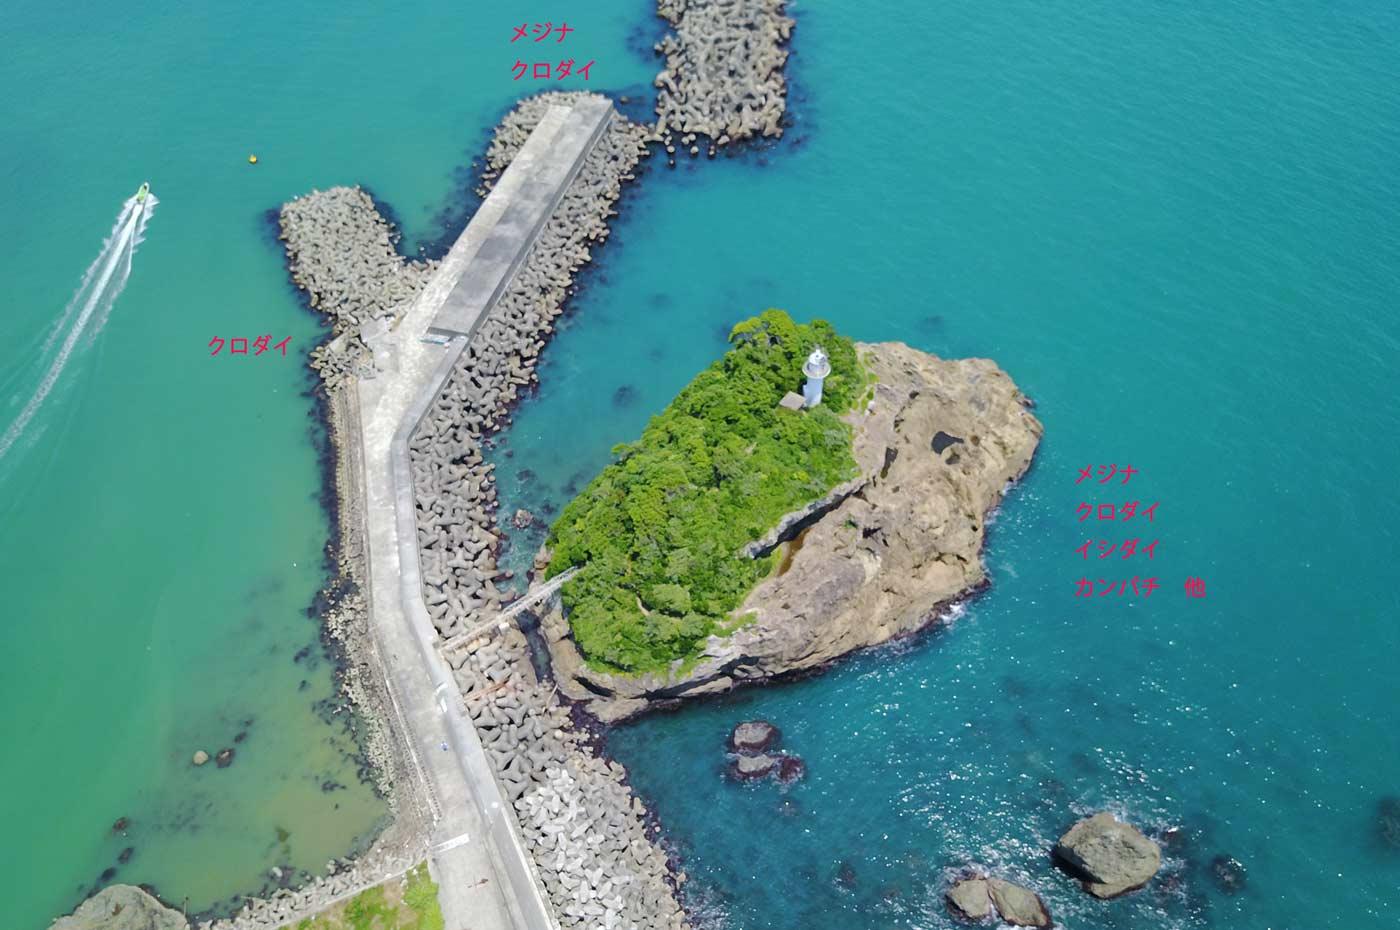 鴨川港の灯台島全景を空撮